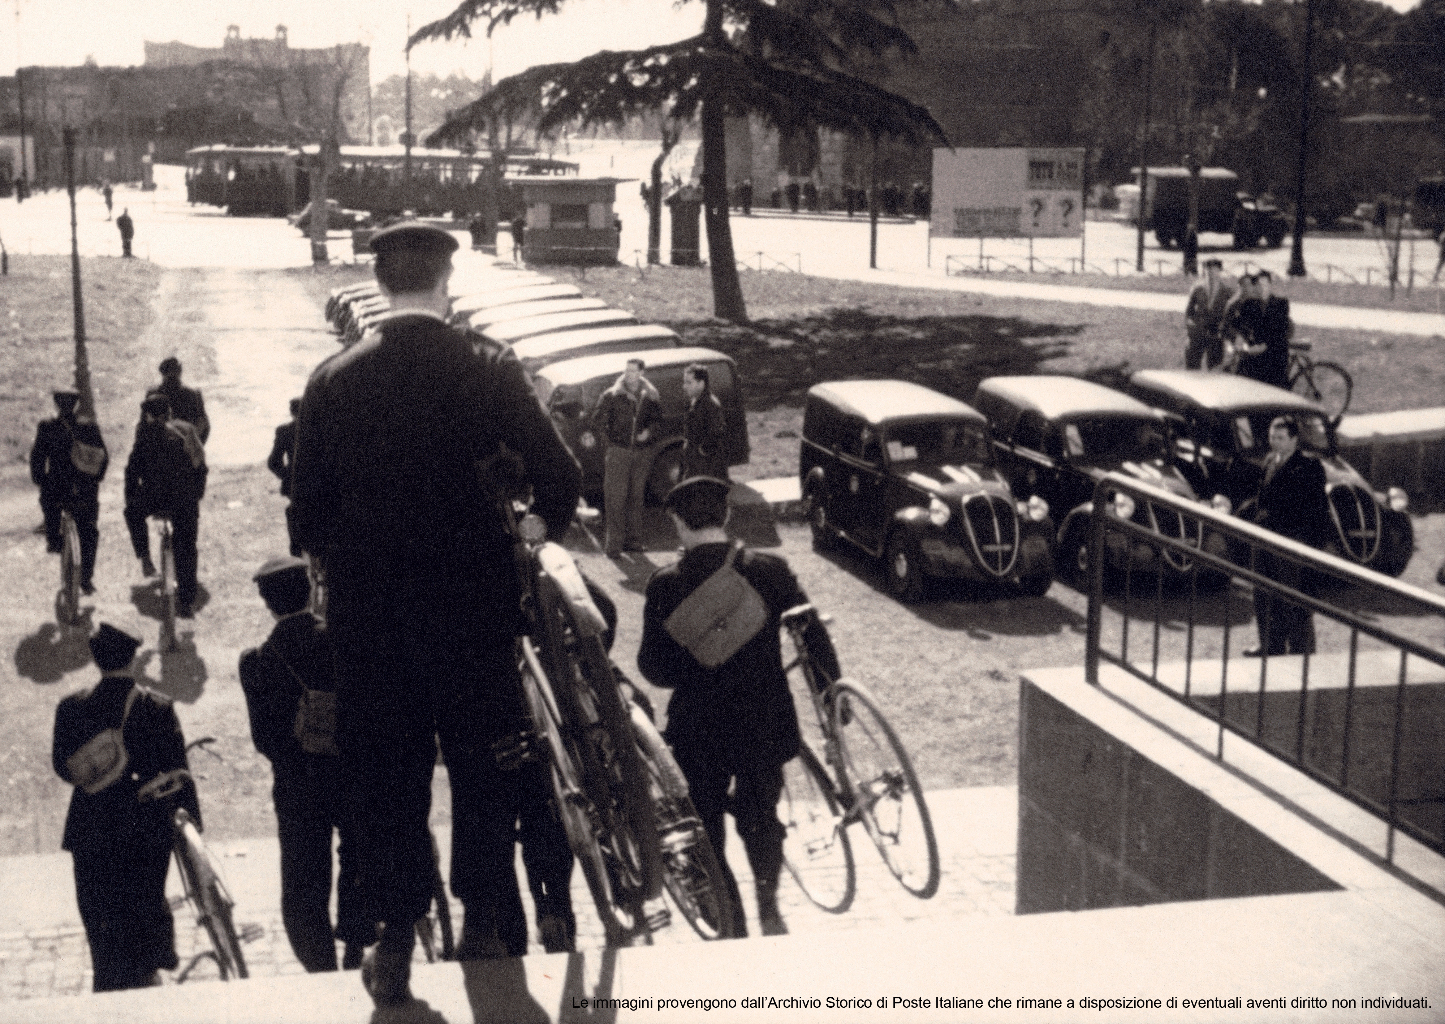 1949-PTI-F-000100-0000